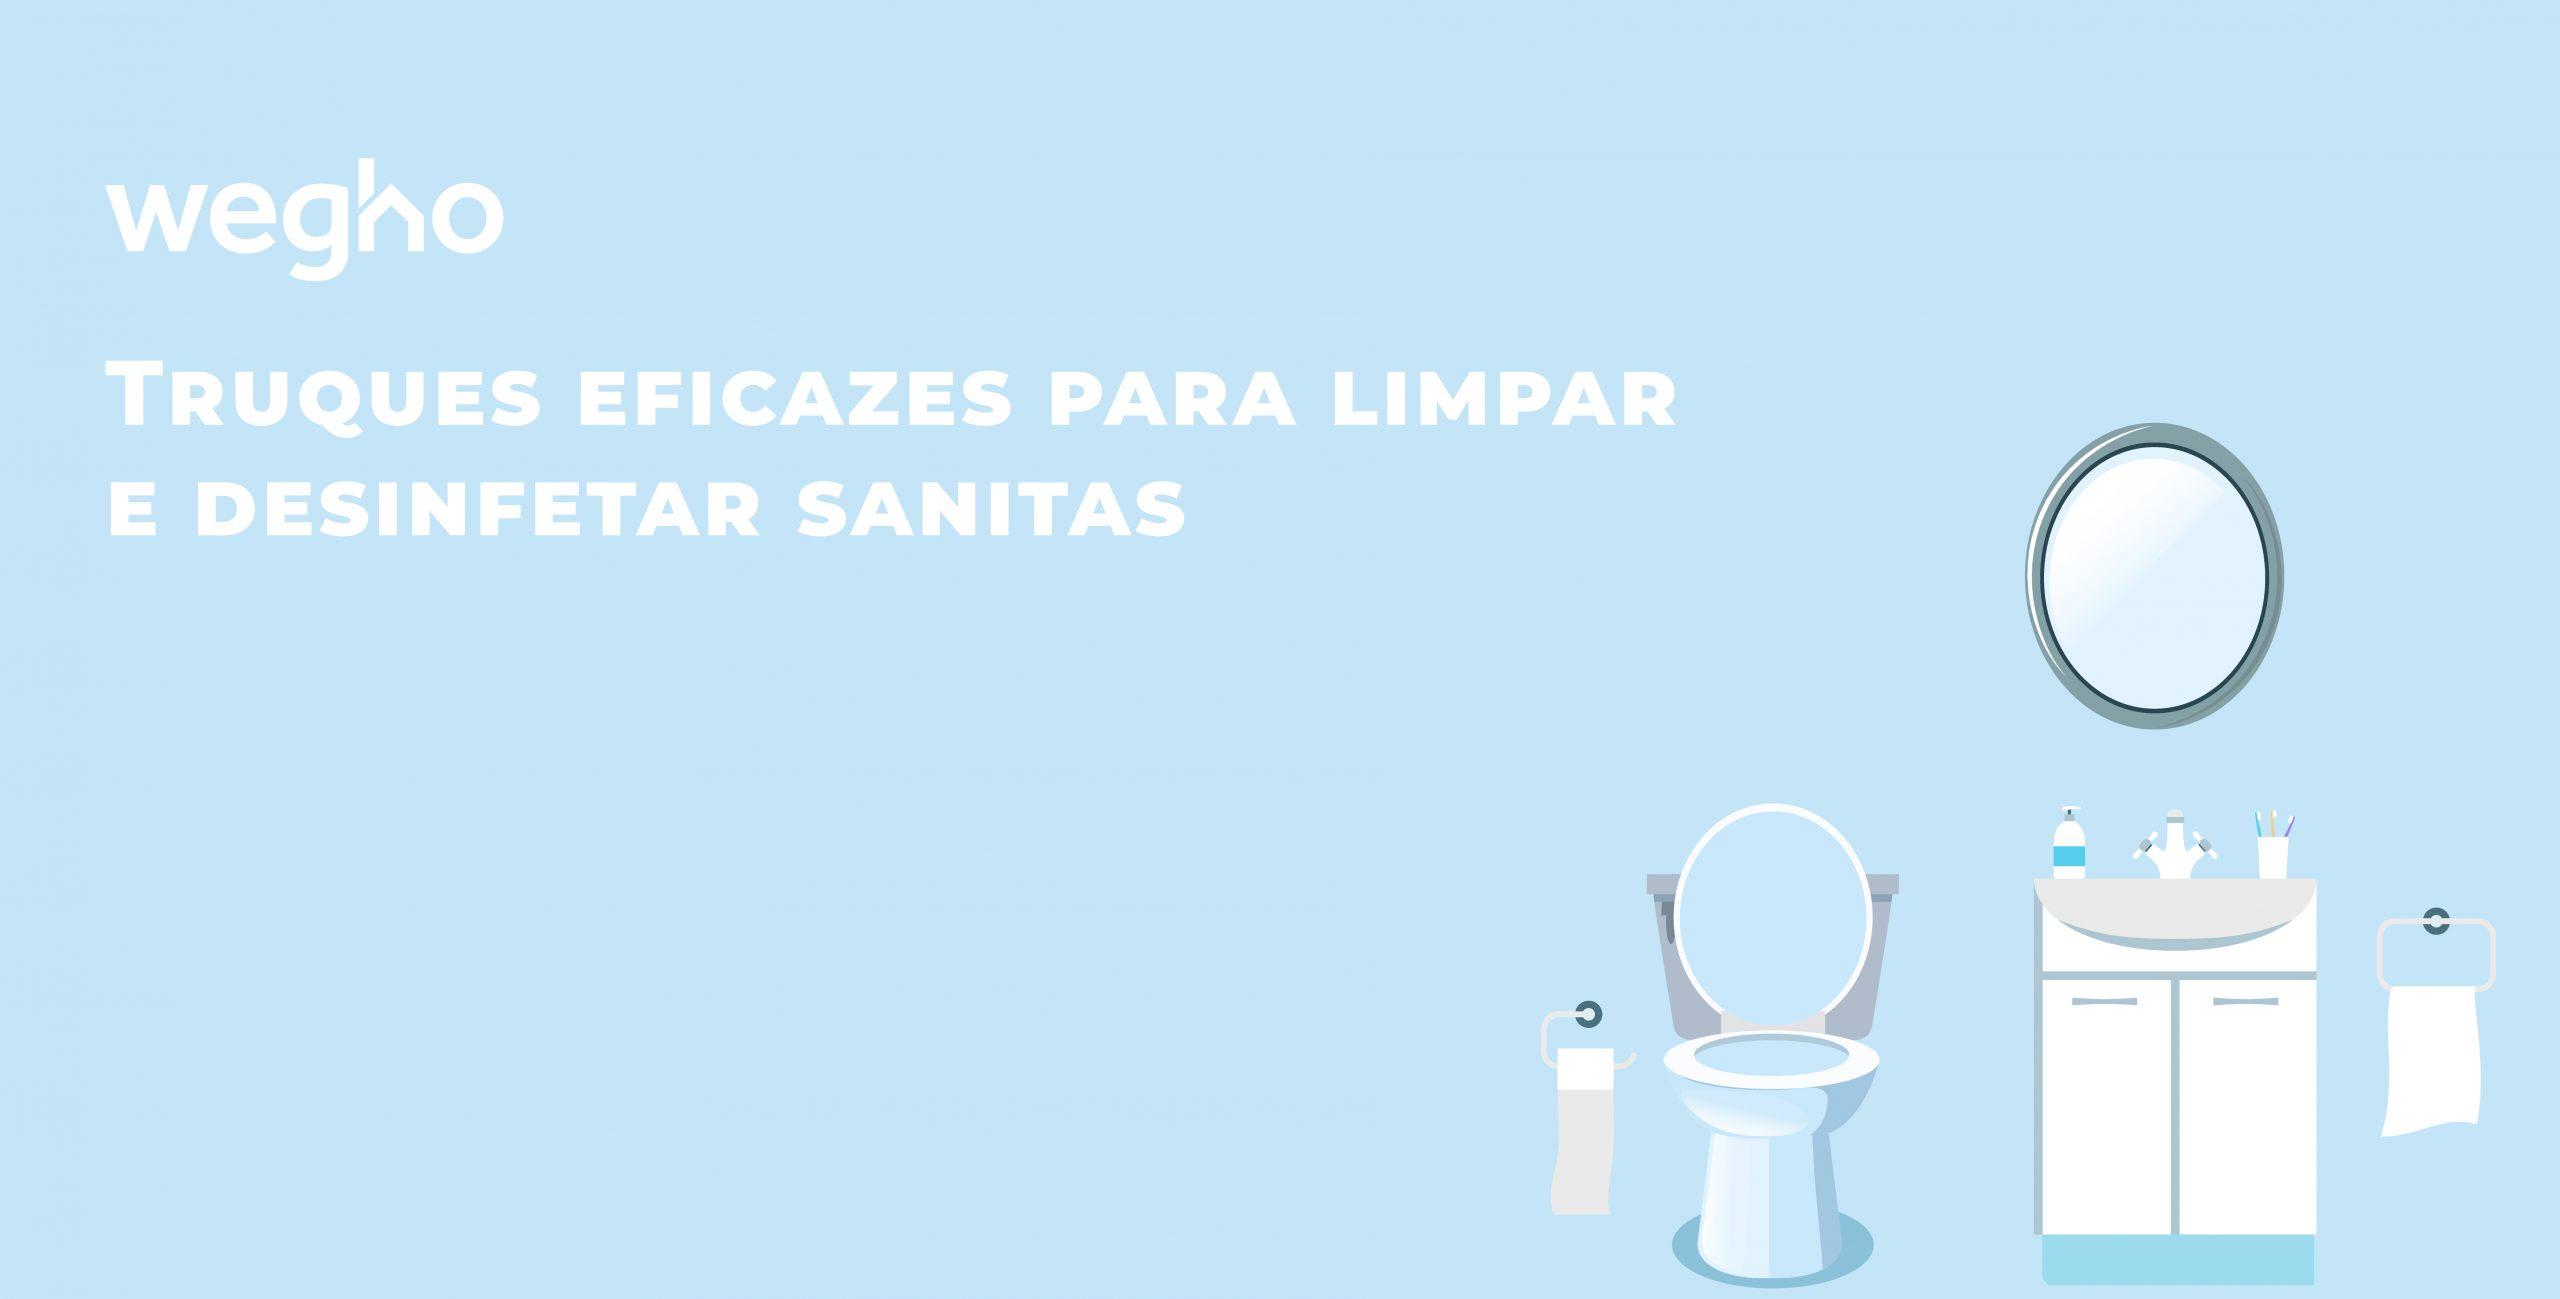 Truques eficazes para limpar e desinfetar sanitas